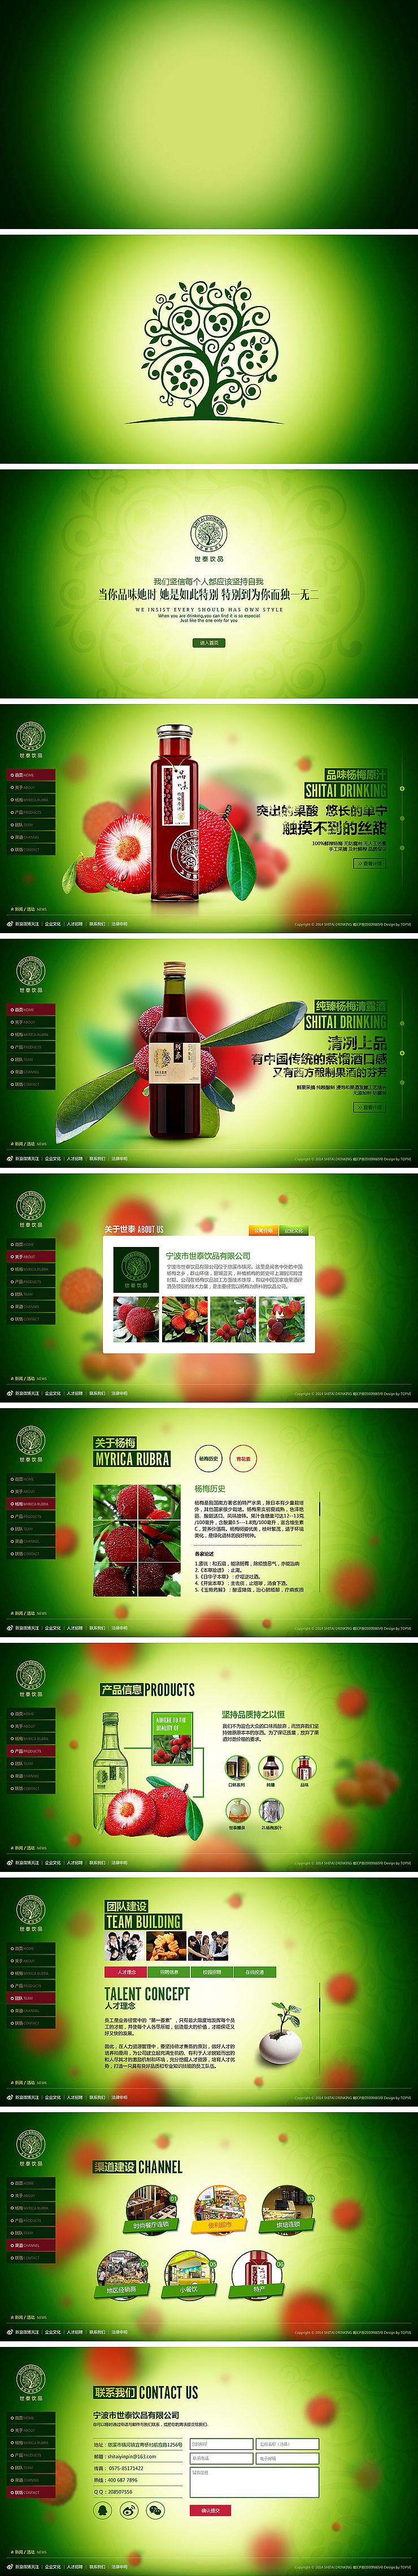 宁波市世泰饮品-网站界面设计001图片